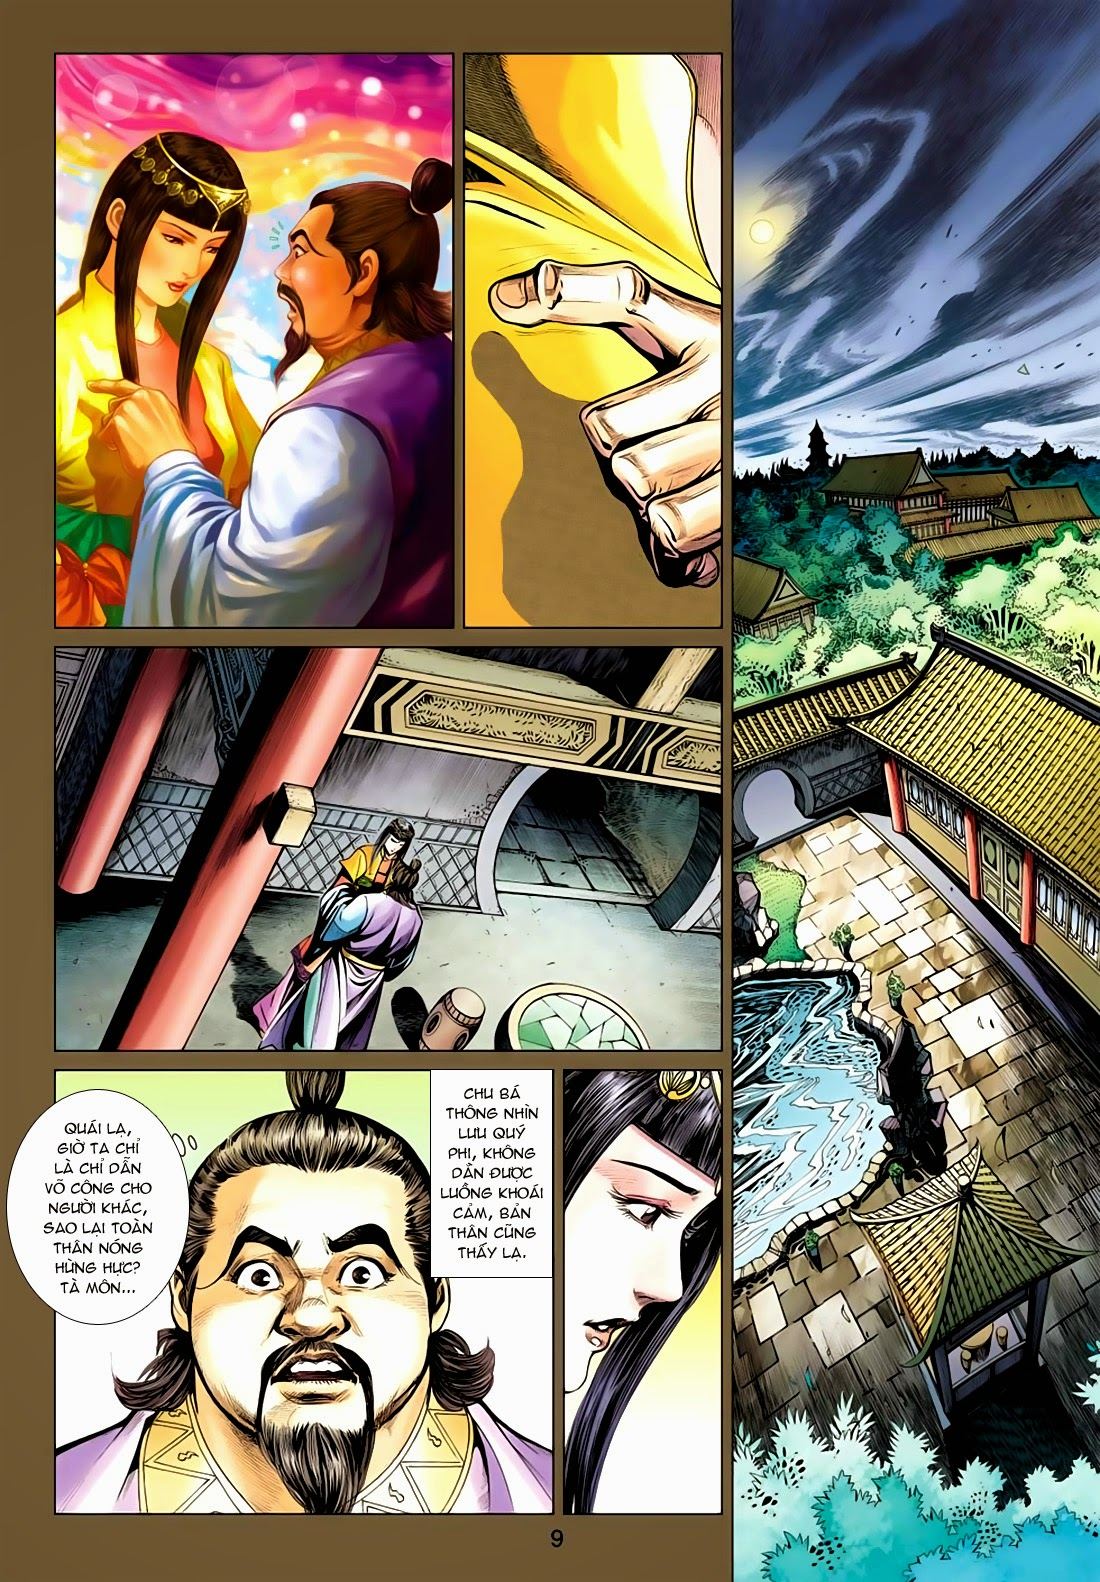 Anh Hùng Xạ Điêu anh hùng xạ đêu chap 77: thế thượng tối cường võ công trang 9